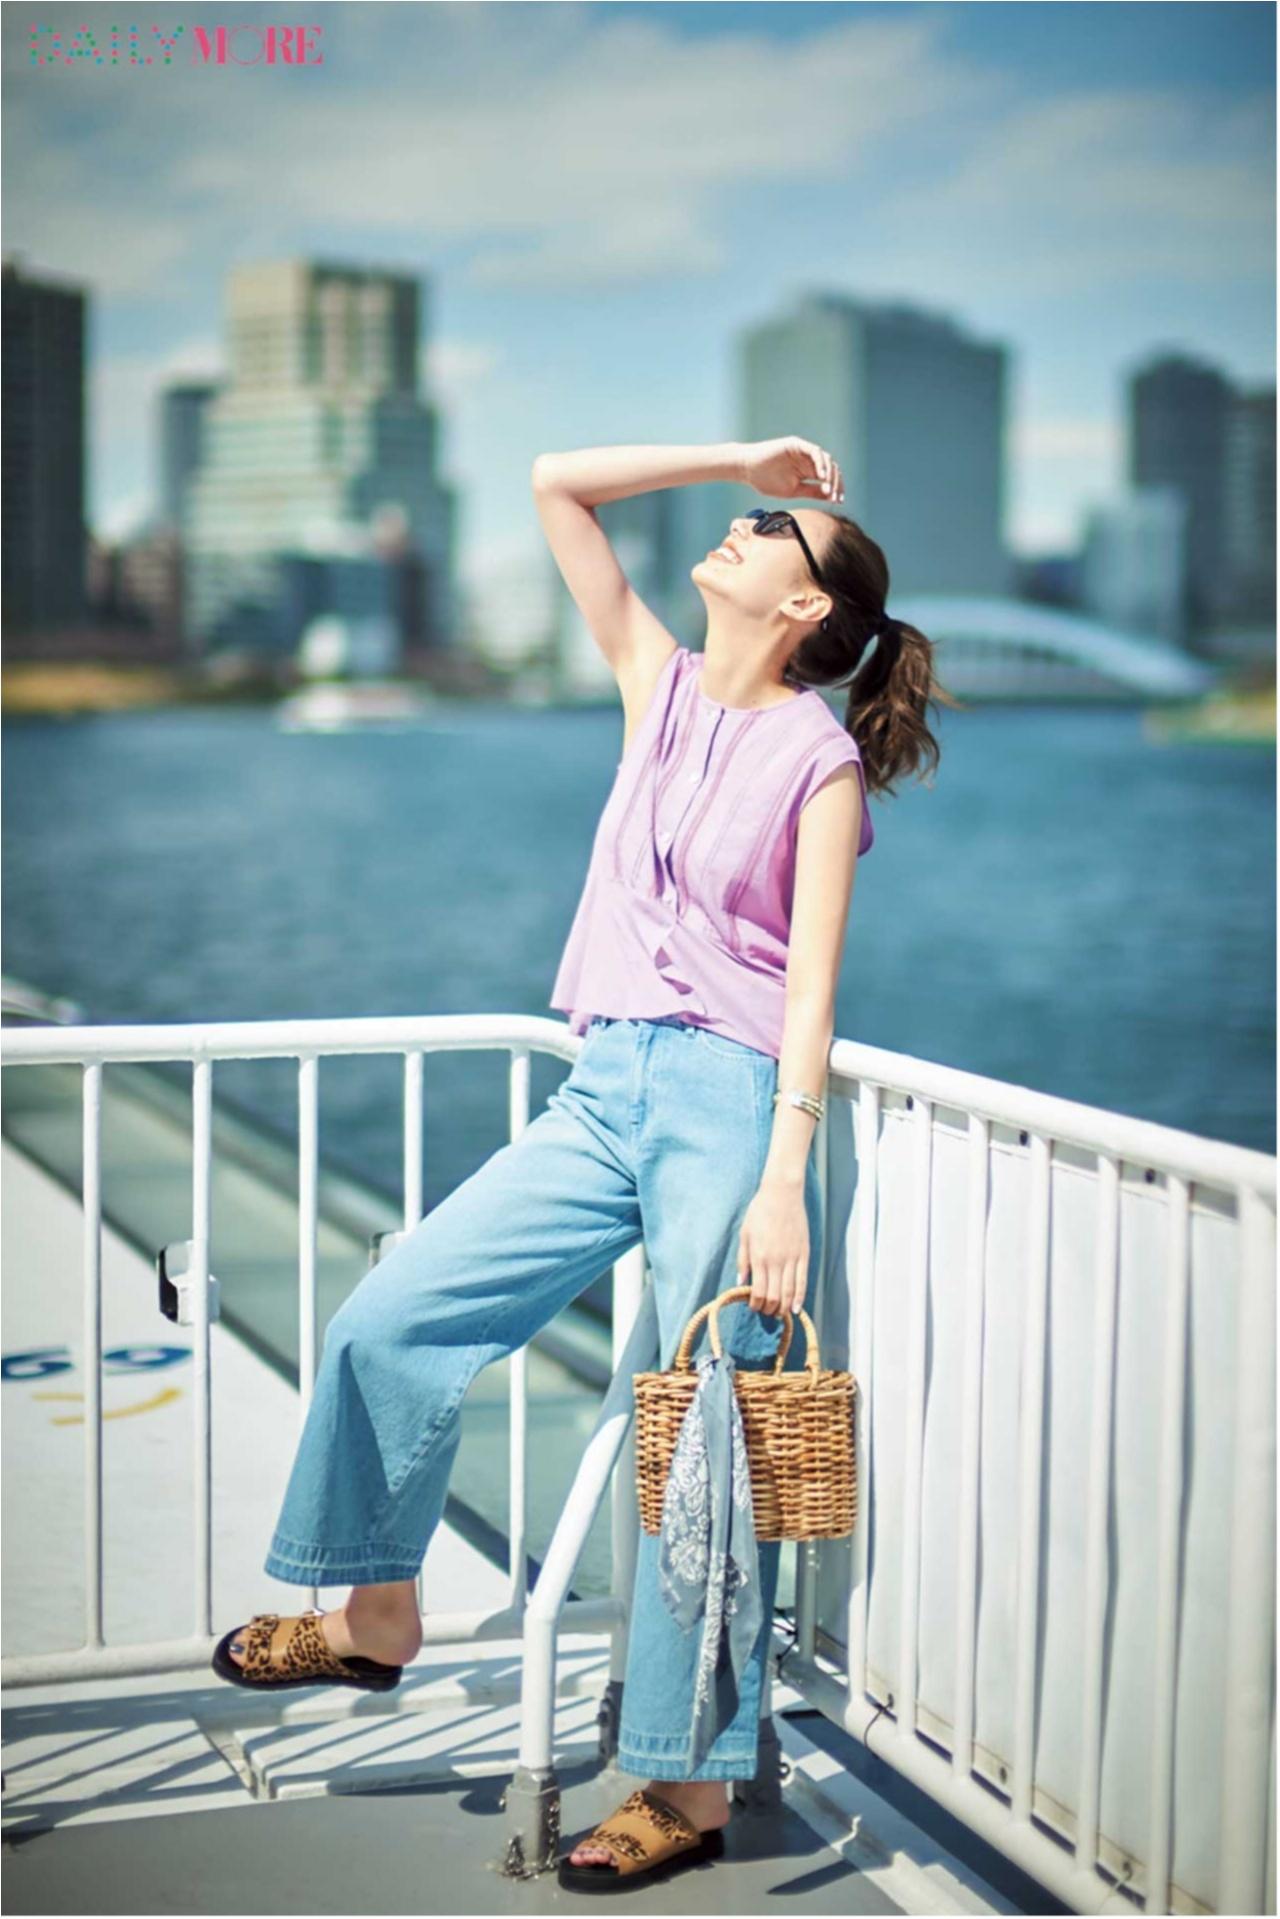 暑い日こそ元気にね♪ 気分が上がる「夏のきれい色」コーデまとめ♡_1_13